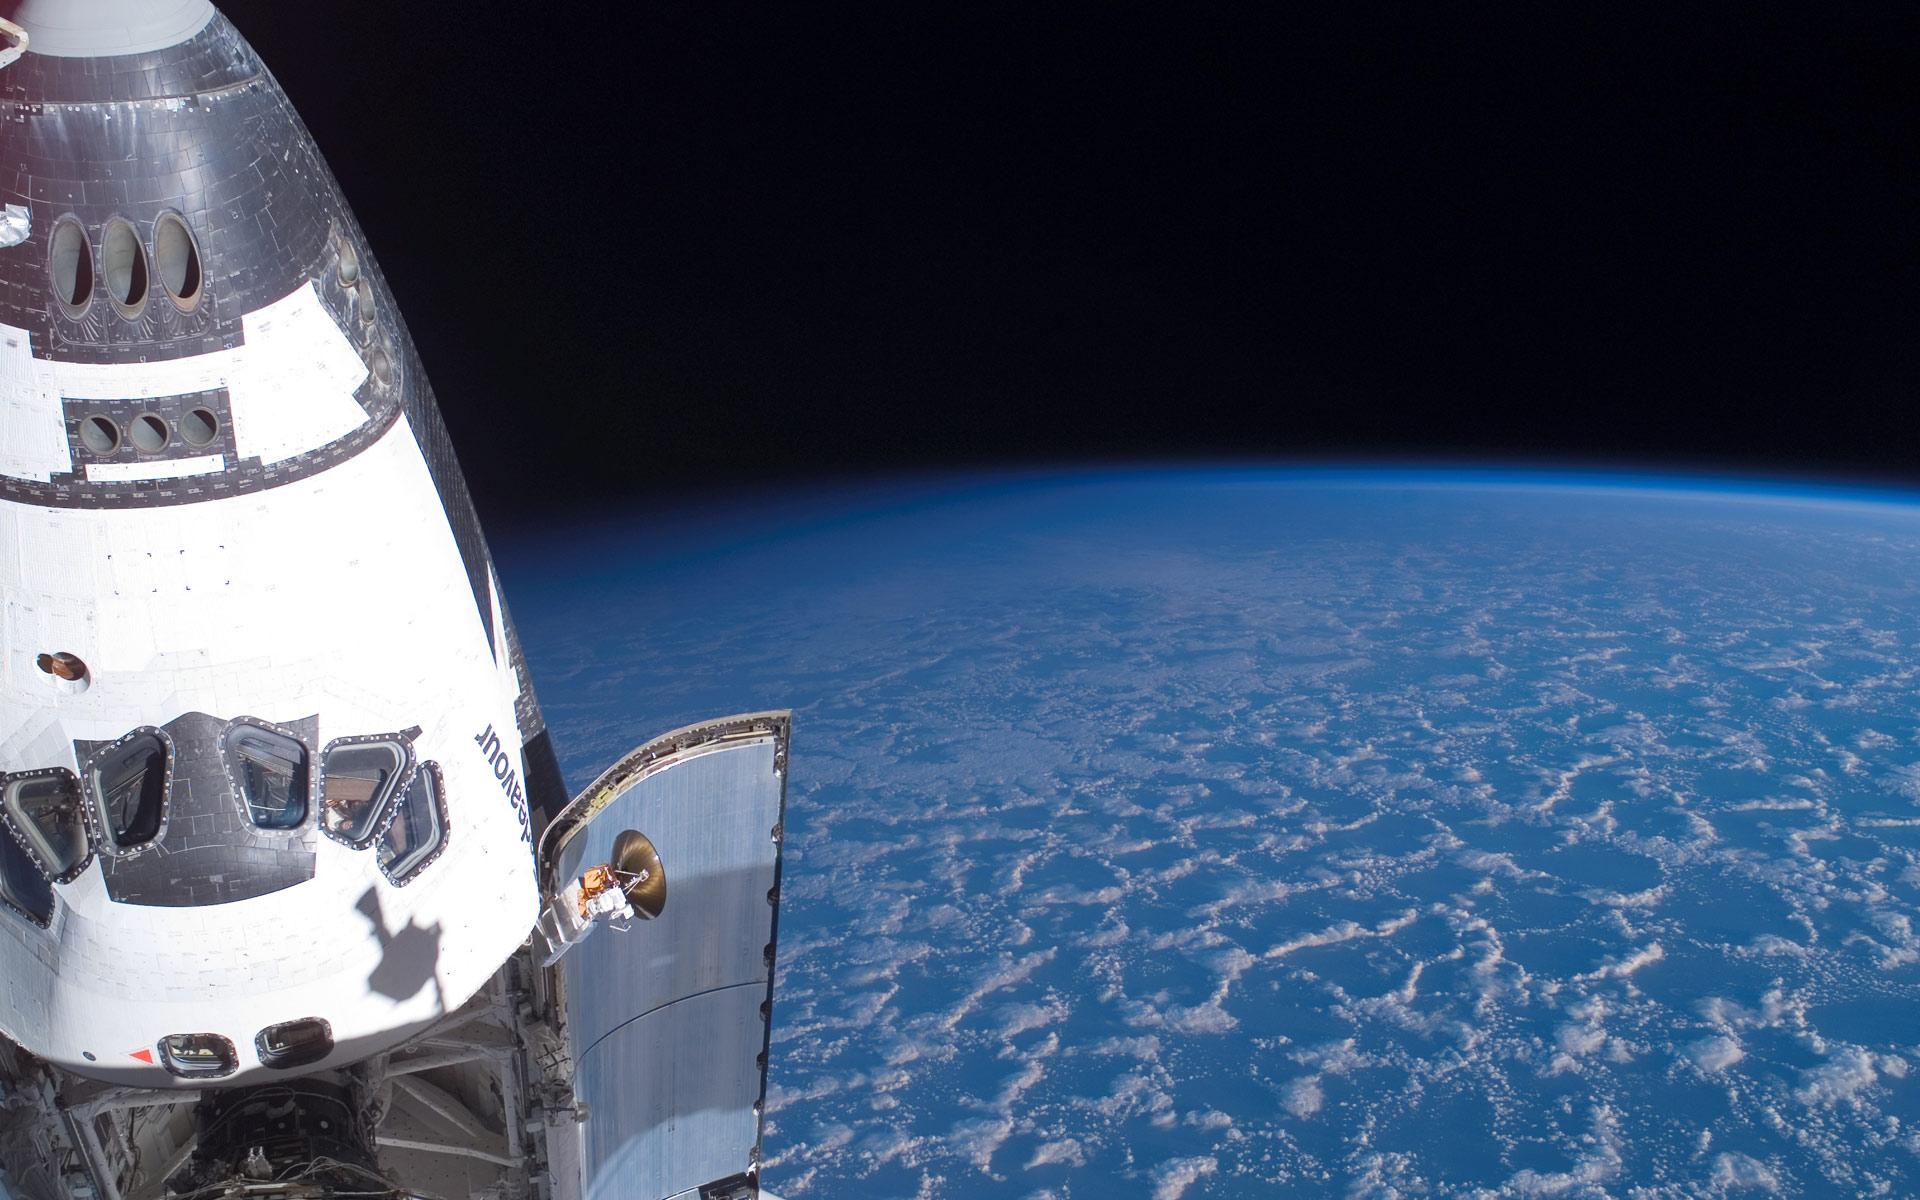 NASA Desktop Wallpaper HD 2560X1440 - Pics about space